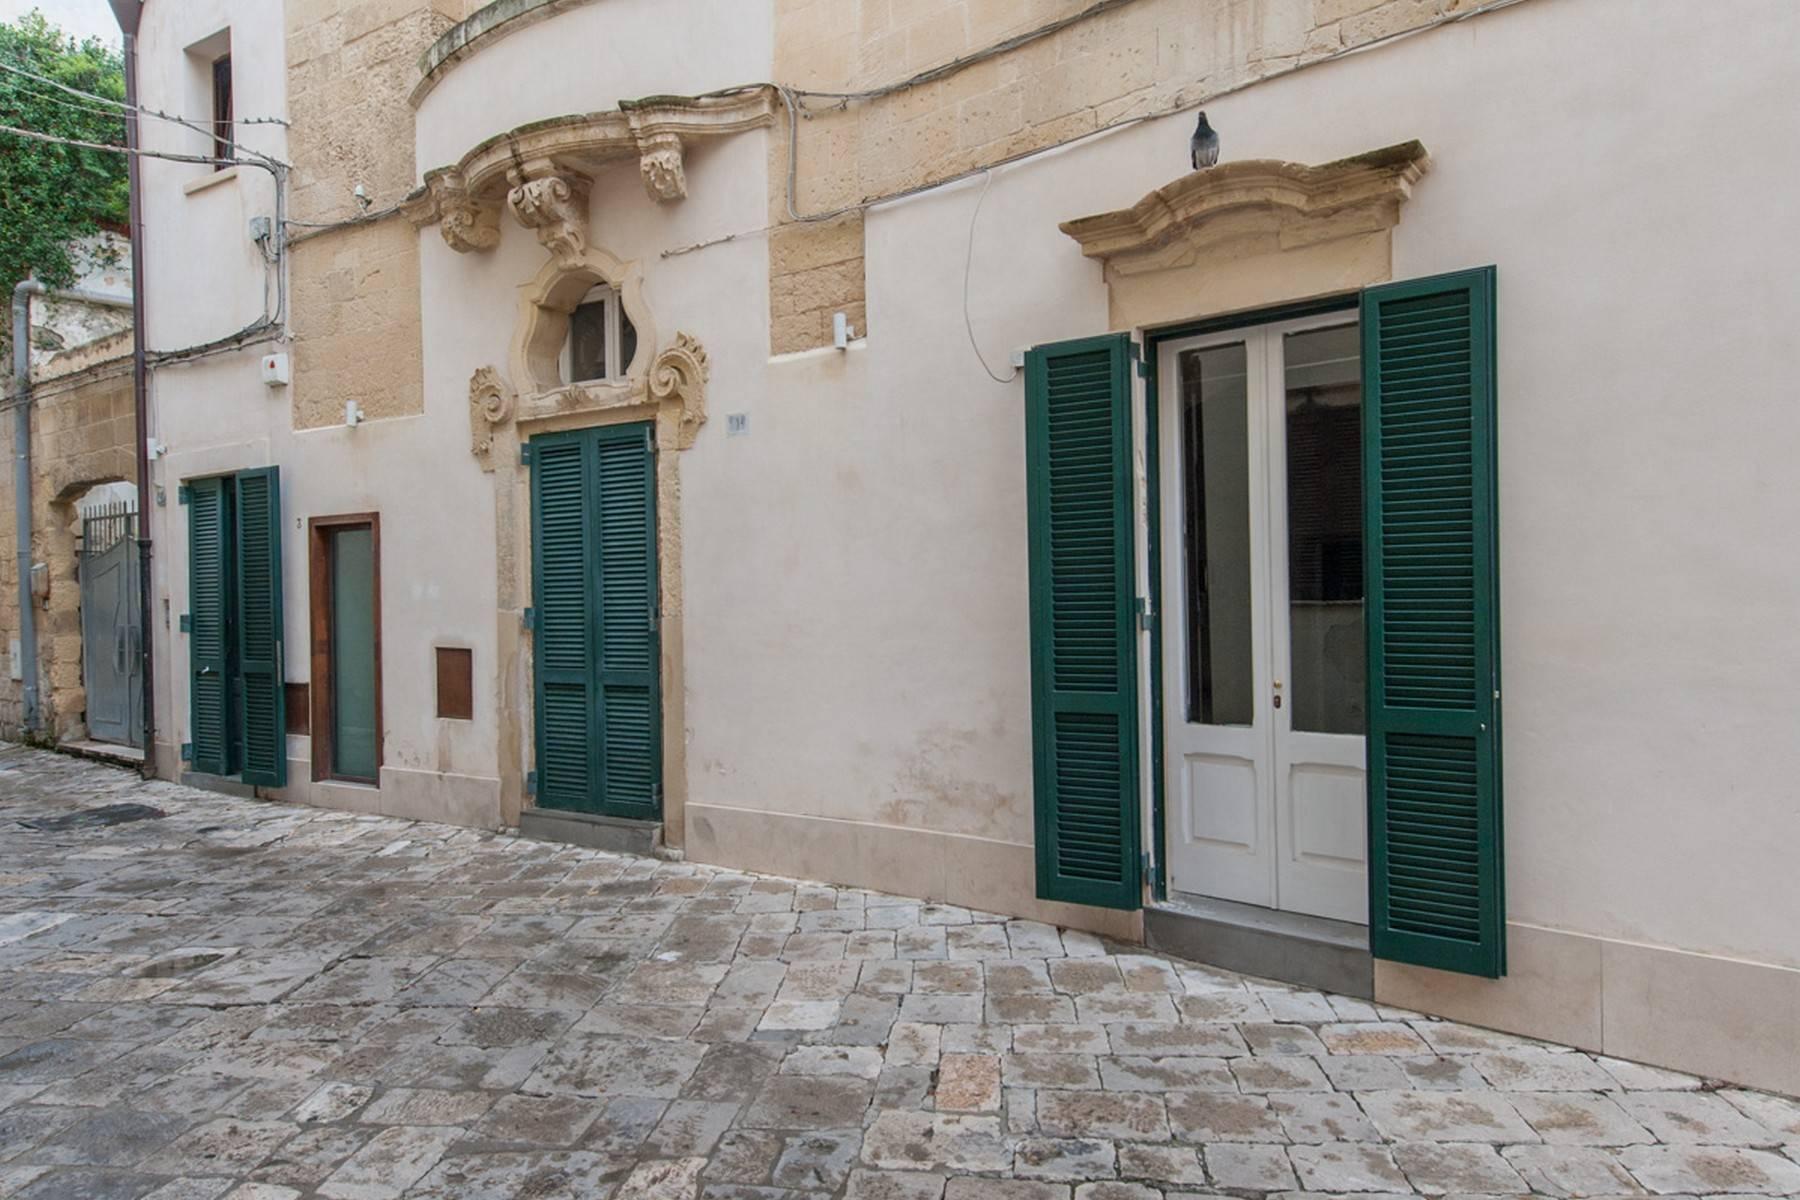 Casa indipendente in Vendita a Lecce: 5 locali, 180 mq - Foto 18